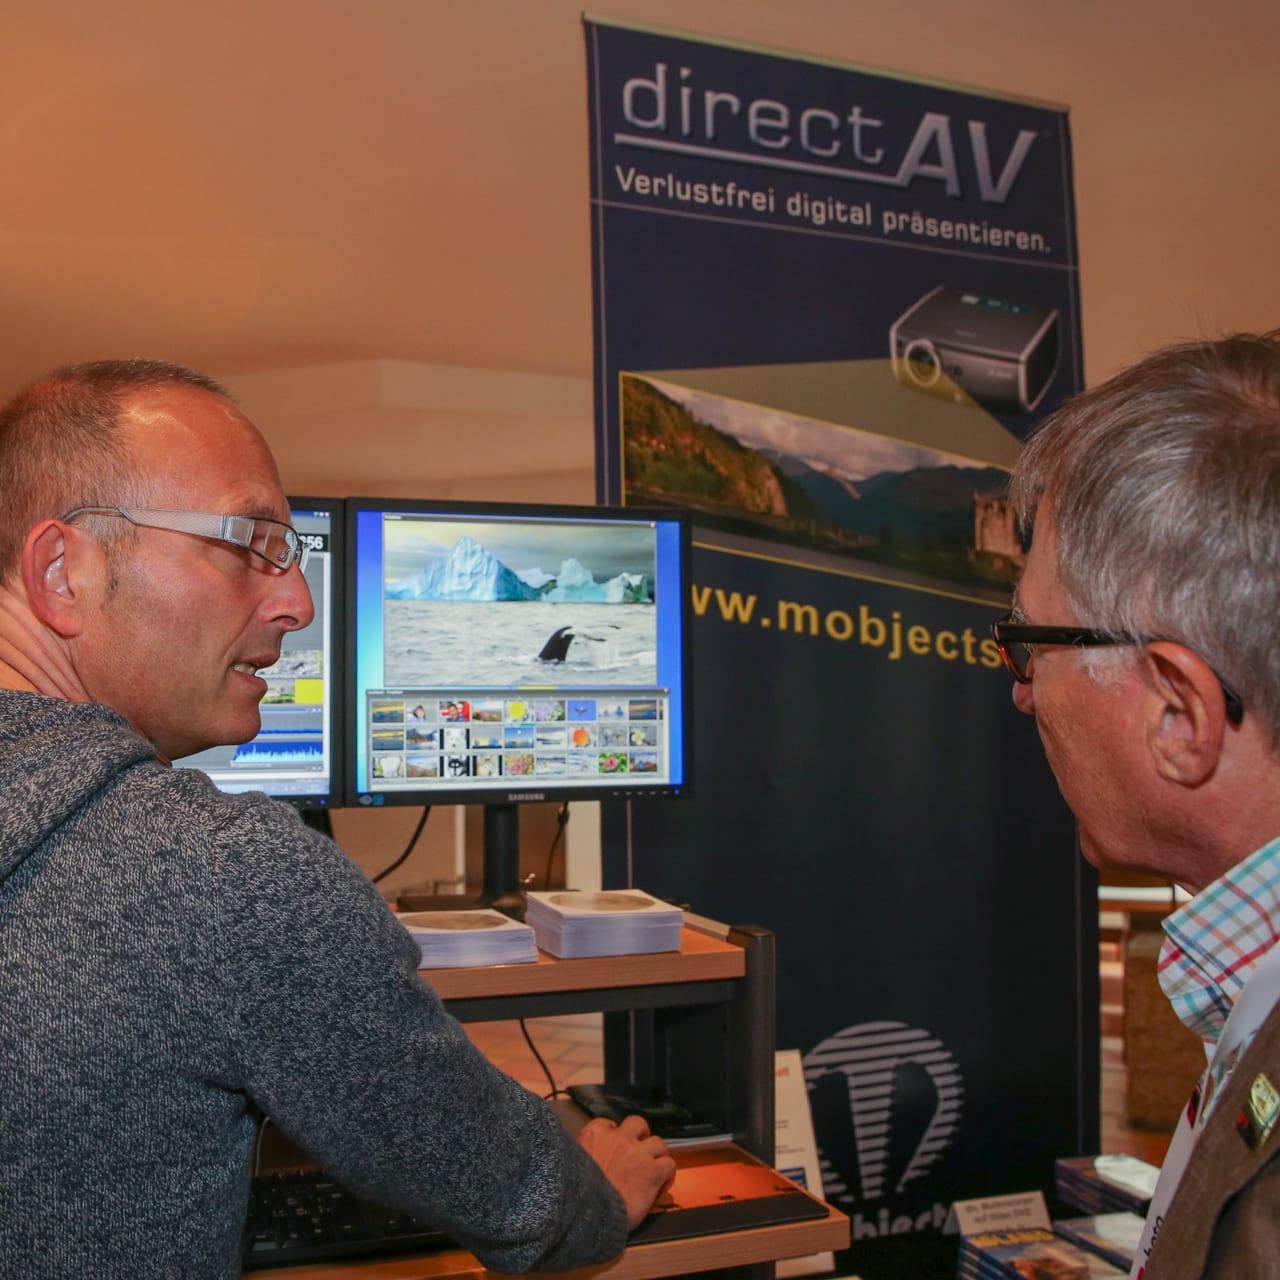 Global AV m.objects